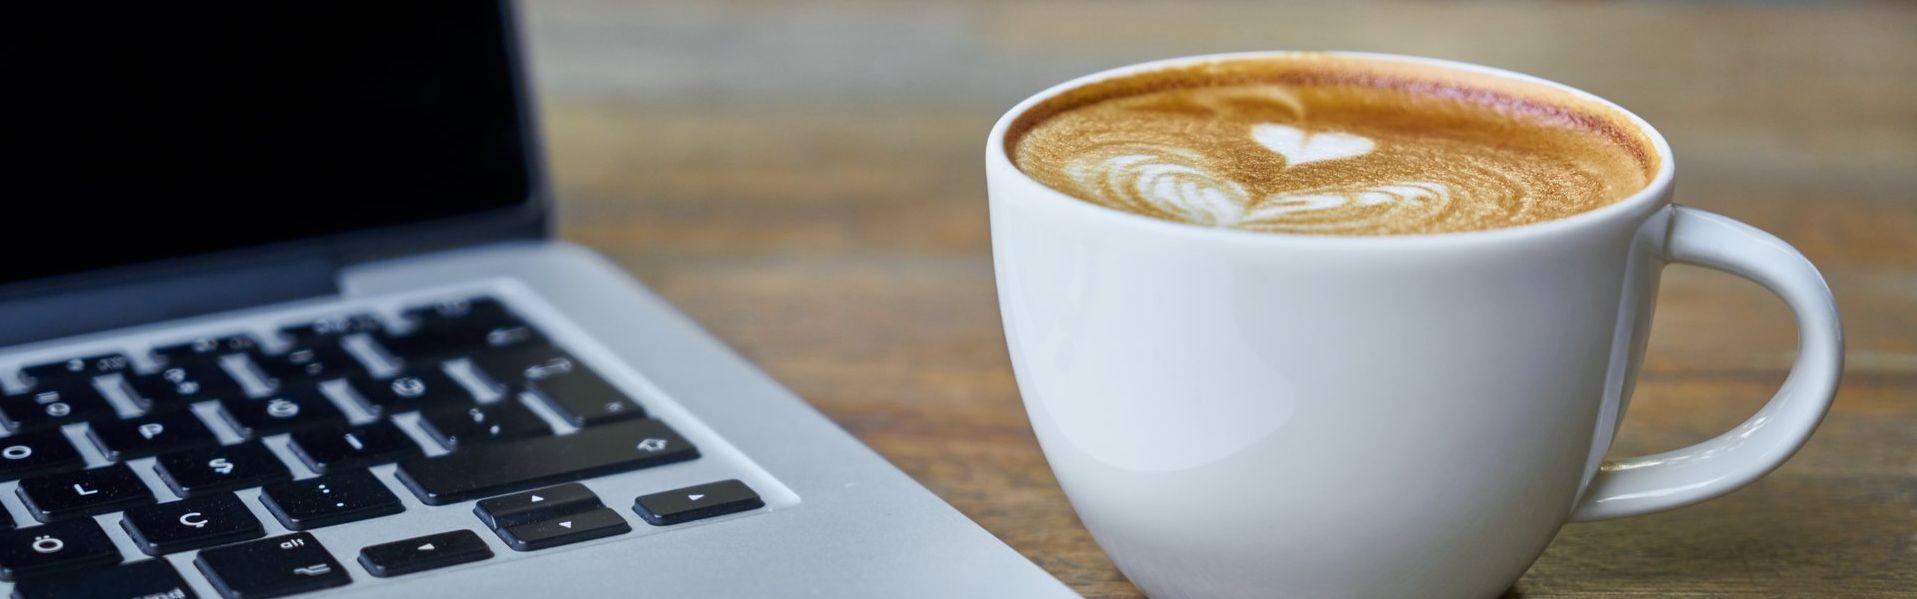 Hub-Satellit Digital Café #19: All-in-One-Verwaltung für KMU – einfach mit KI